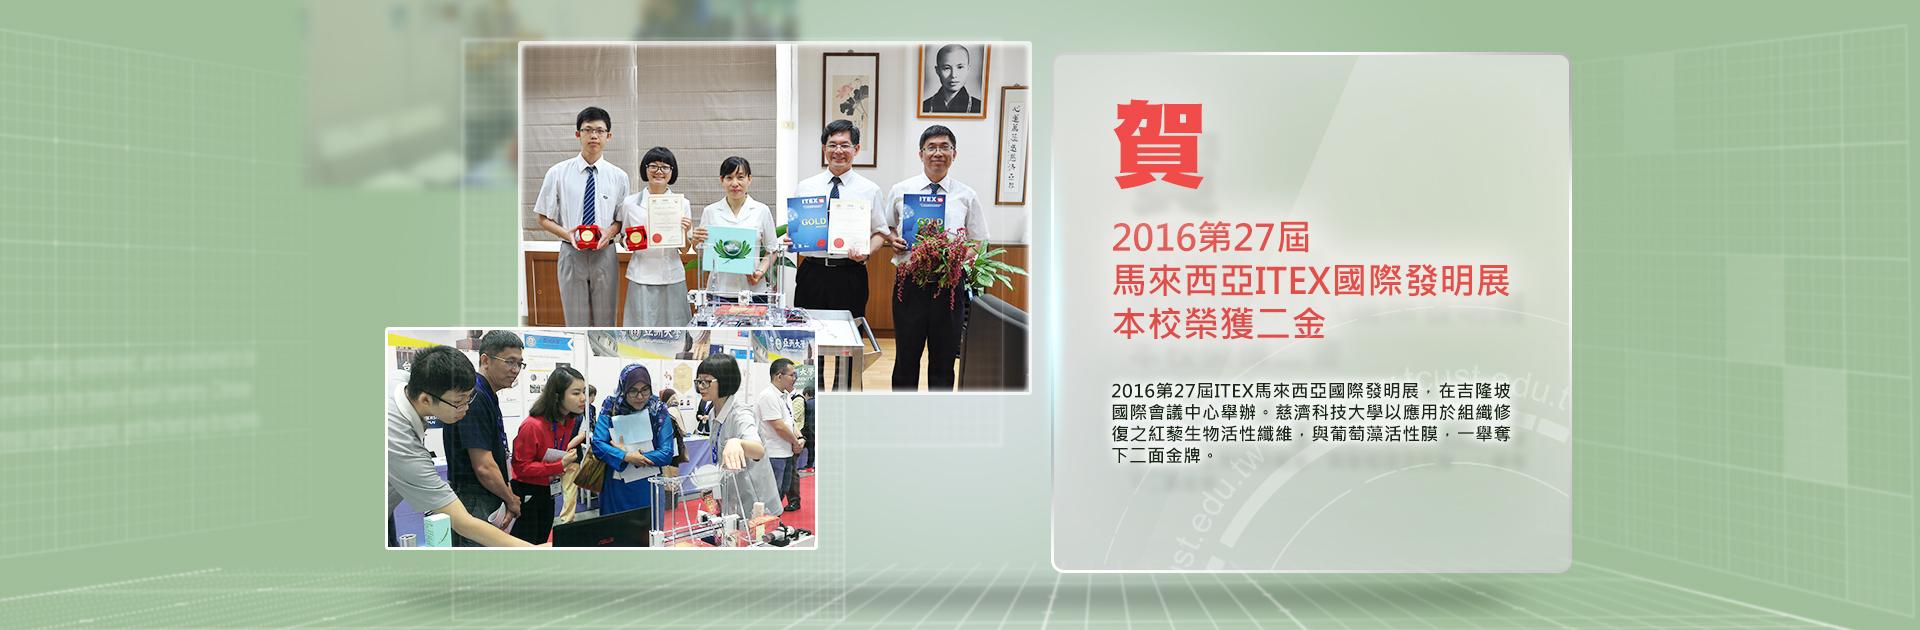 2016第27屆馬來西亞ITEX國際發明展榮獲二金